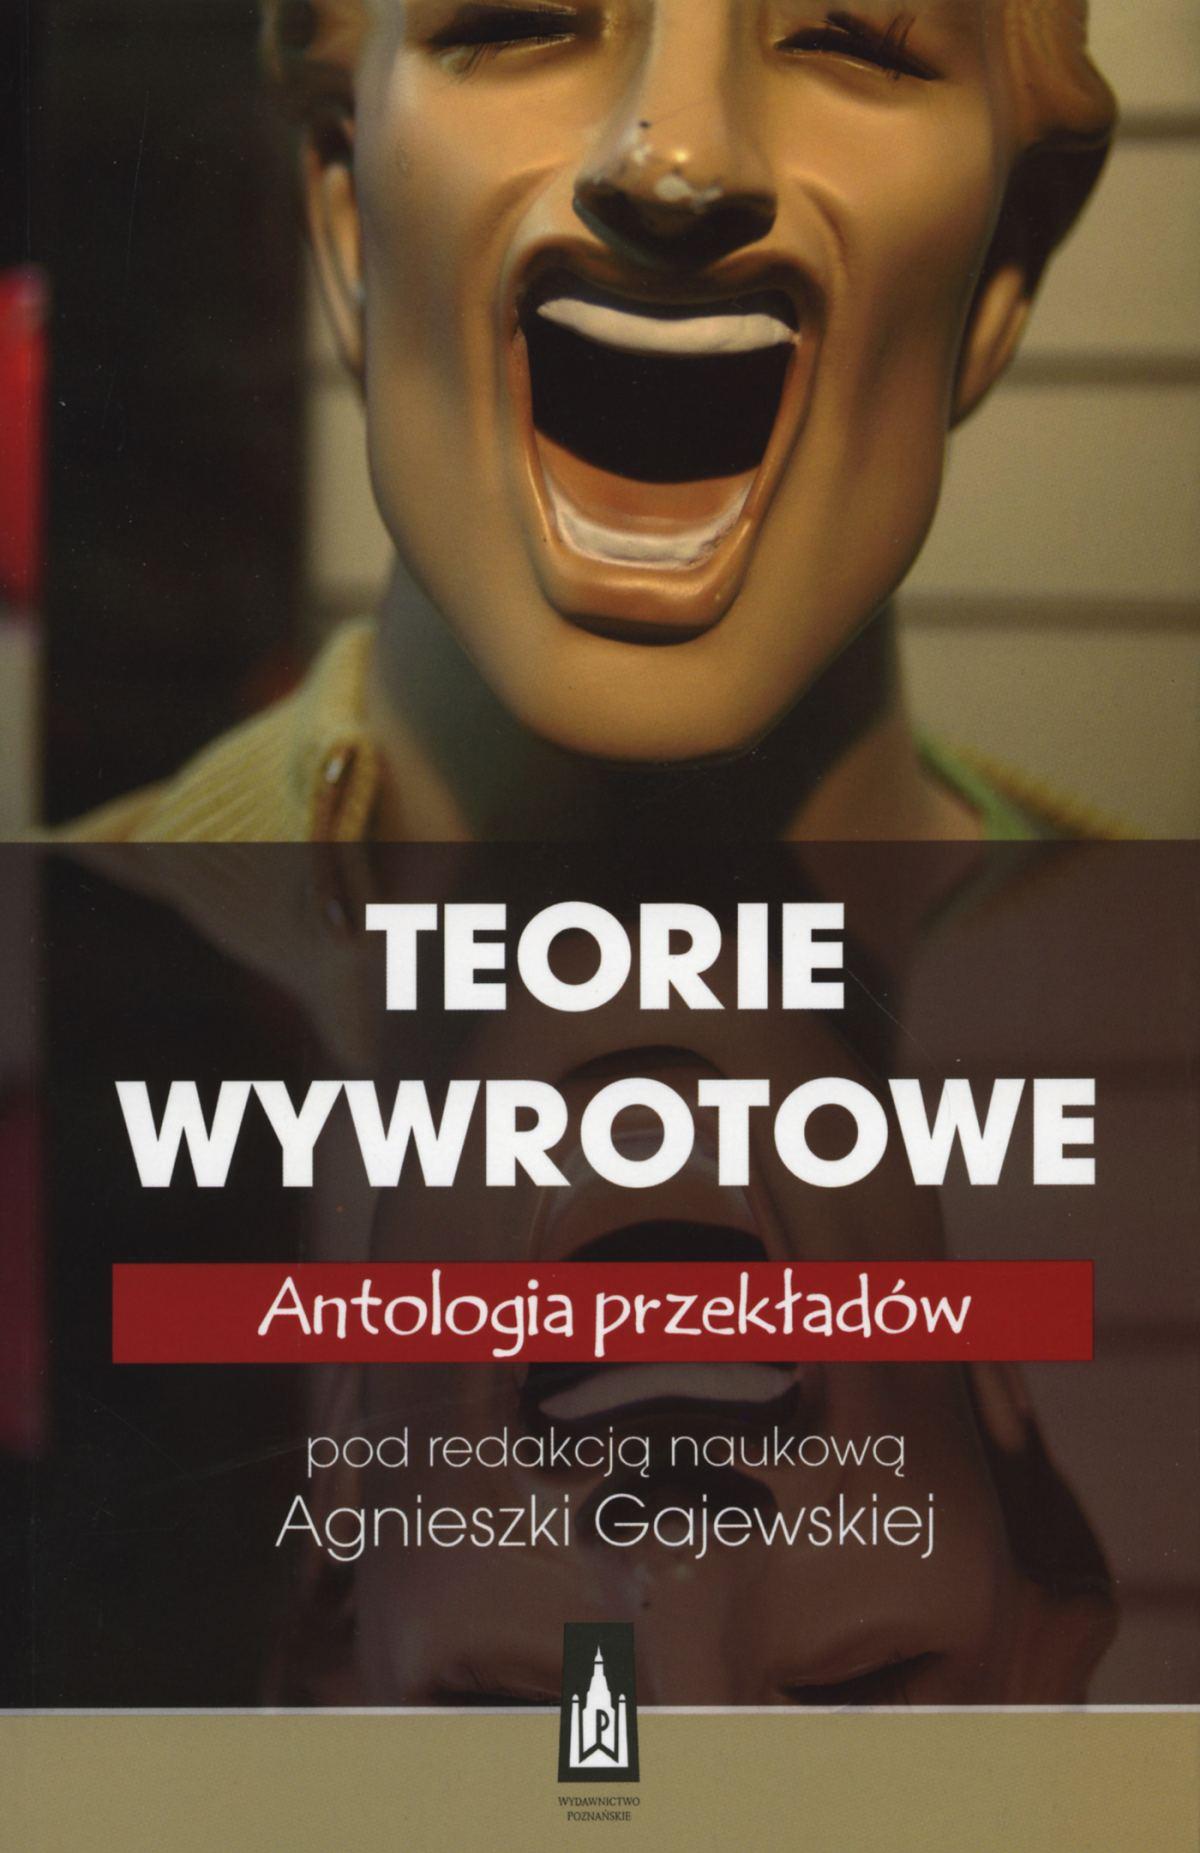 Teorie wywrotowe. Antologia przekładów - Ebook (Książka EPUB) do pobrania w formacie EPUB